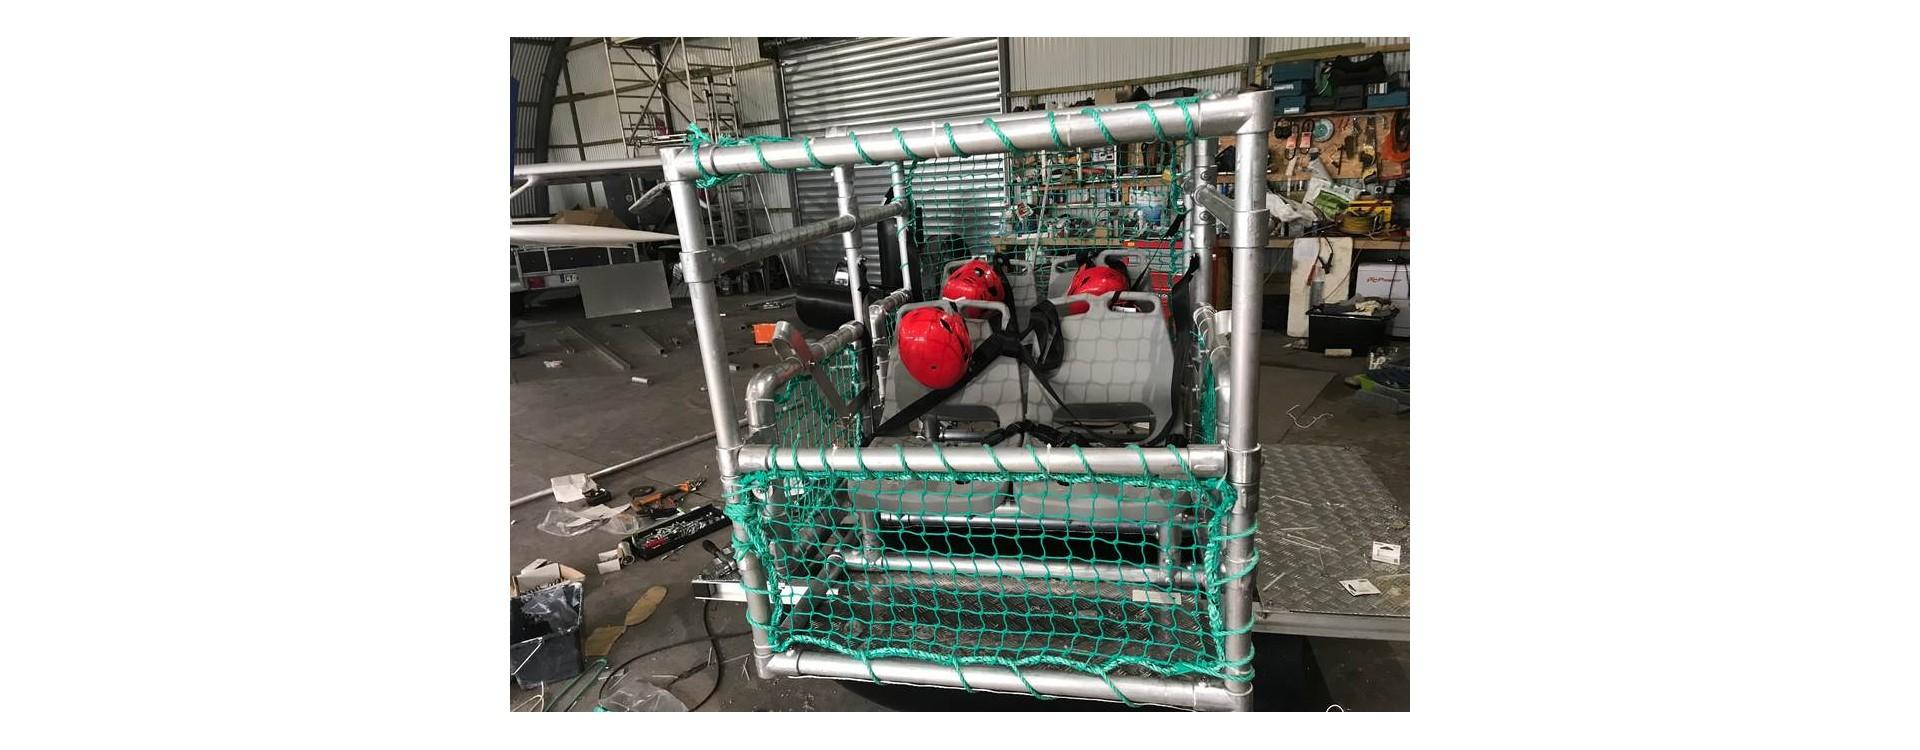 Simulateur de crash d'hydravion